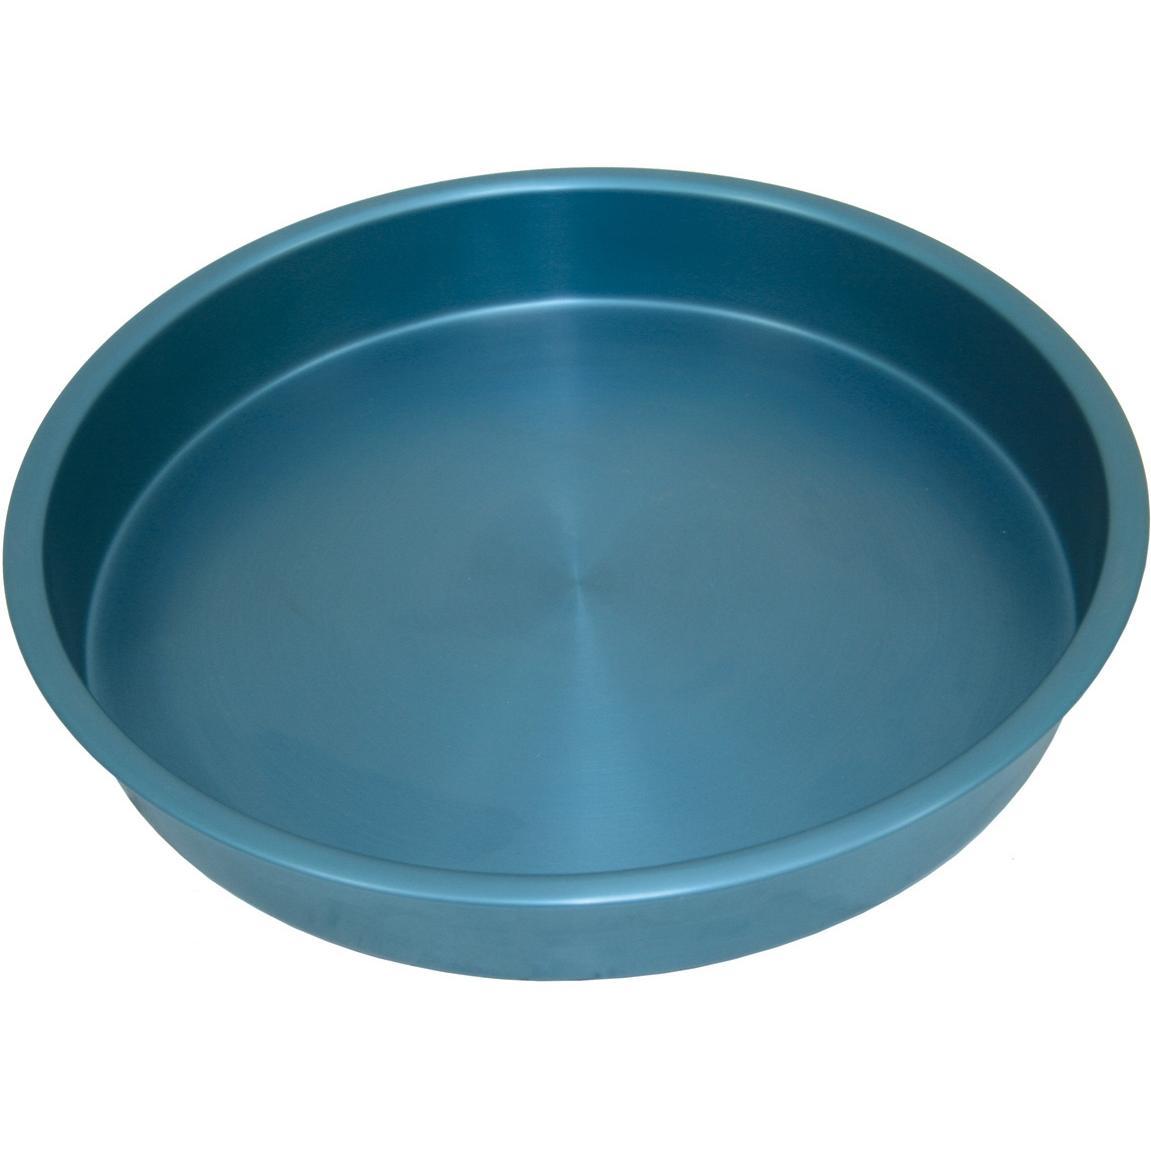 Bayou Classic Blue Anodized Aluminum Serving/Crawfish Tray